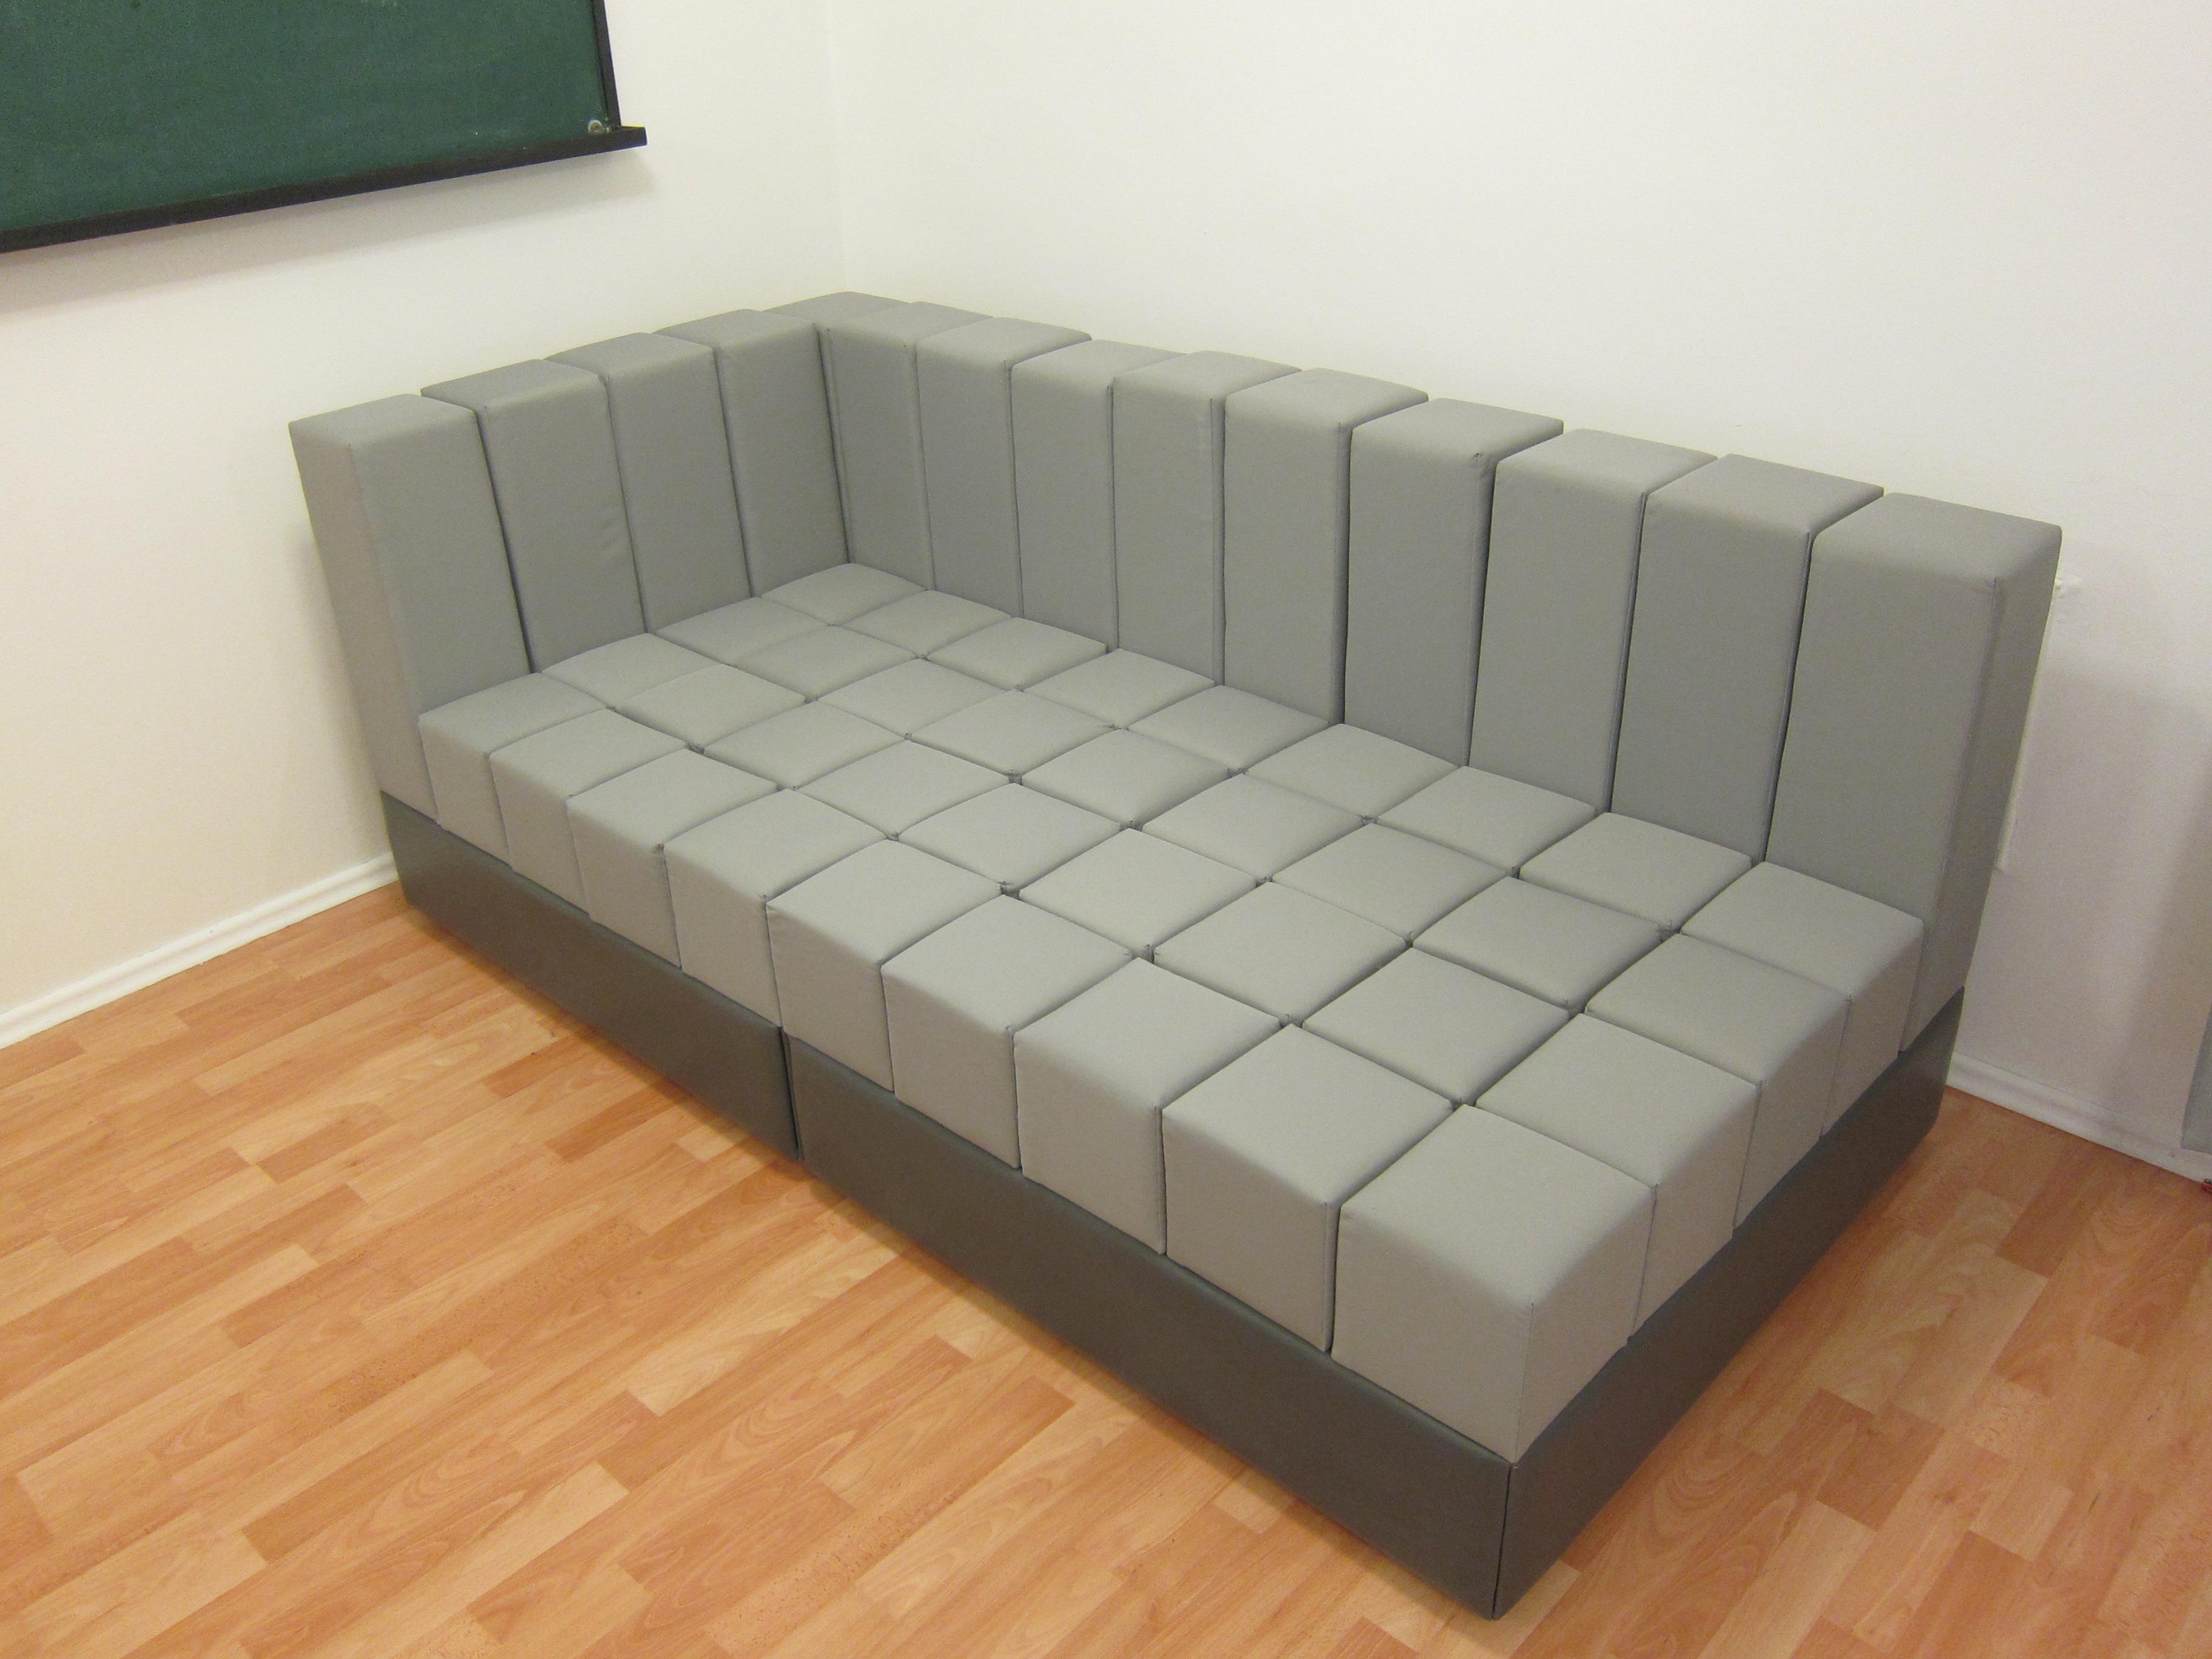 sofa selber bauen europaletten pearson cost couch holz die neuesten innenarchitekturideen